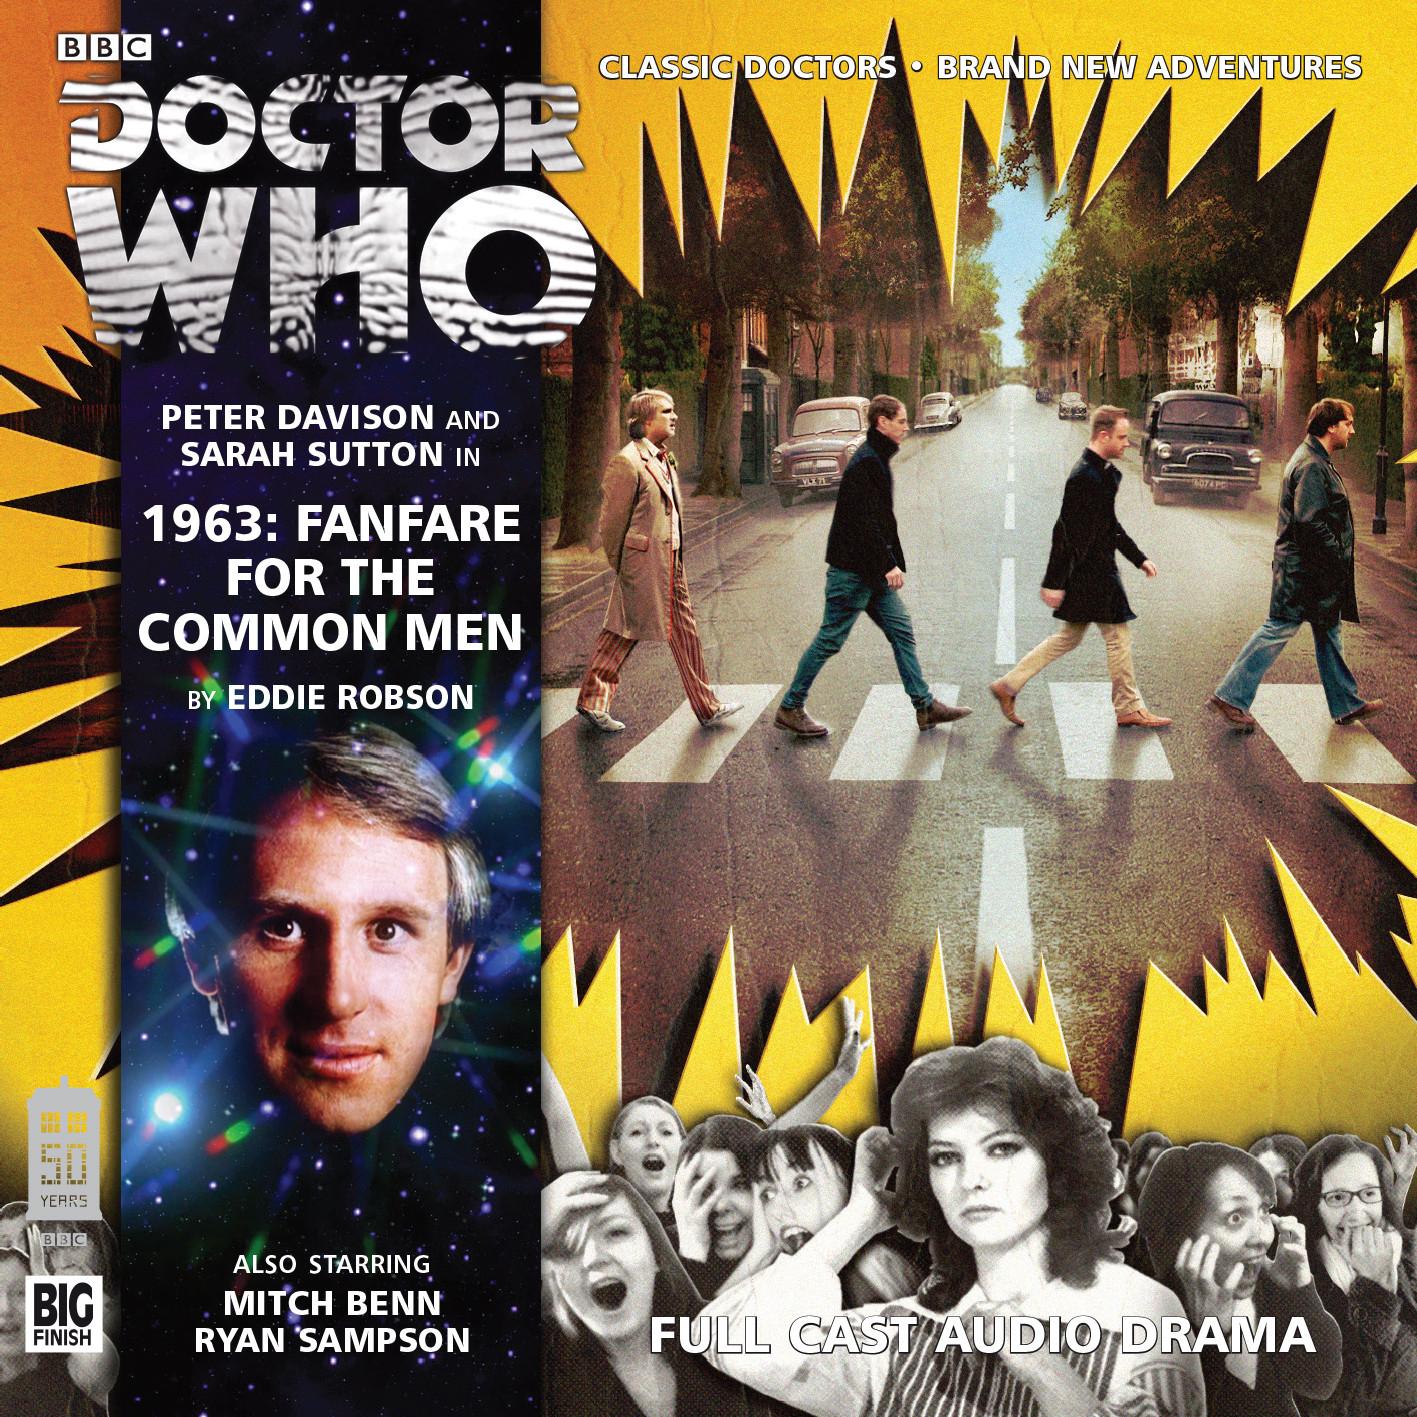 1963: Фанфары для The Common Men